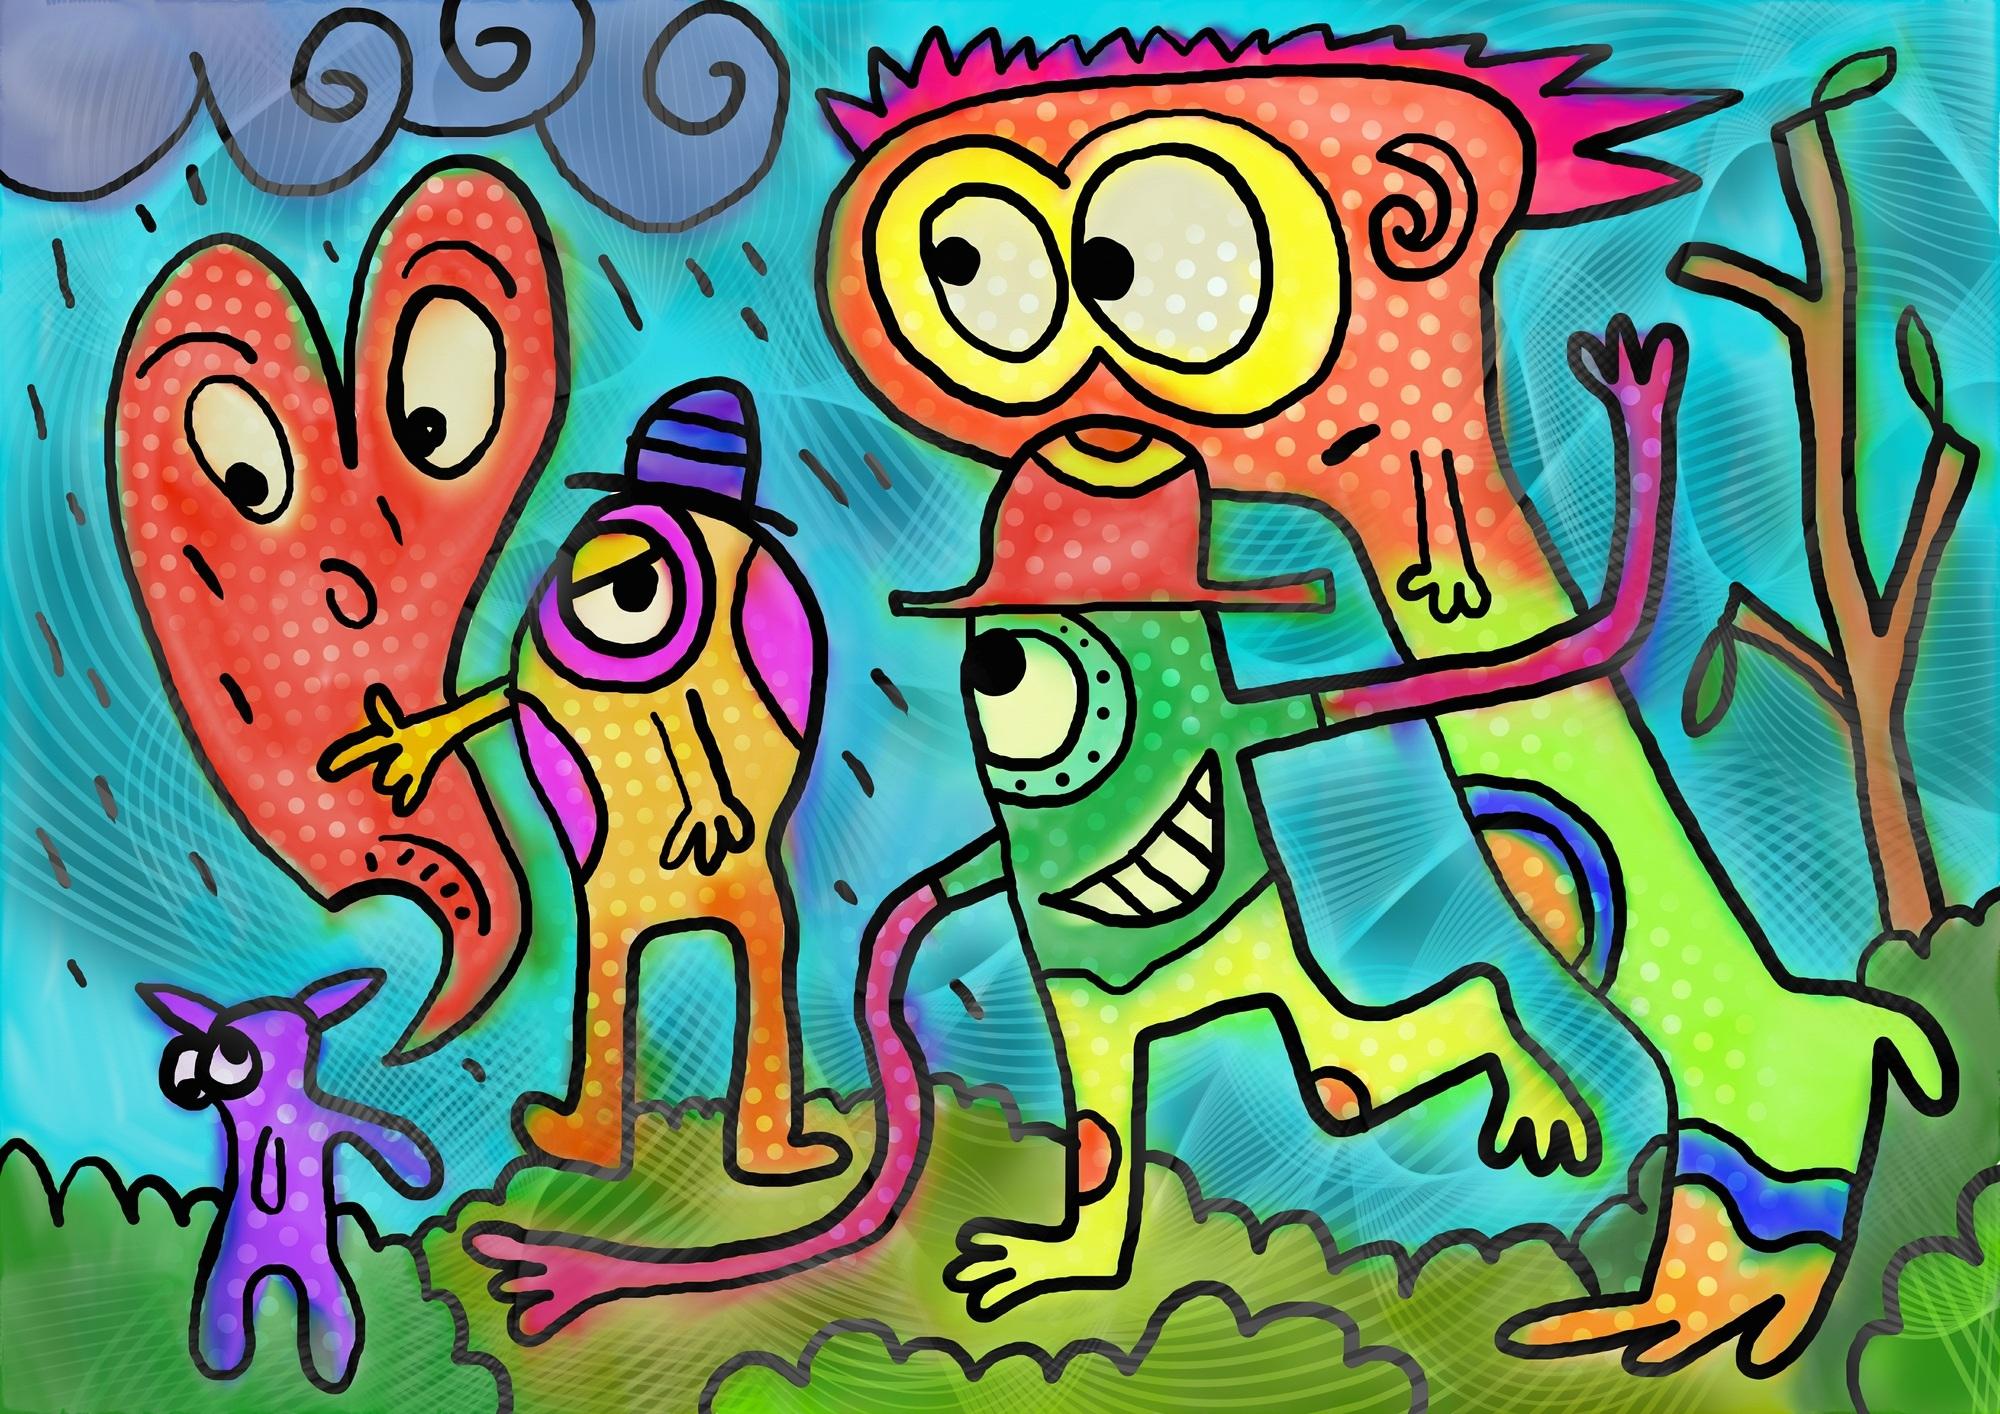 pittura, disegno, bambole, Geek, acquerello - Sfondi HD - Professor-falken.com